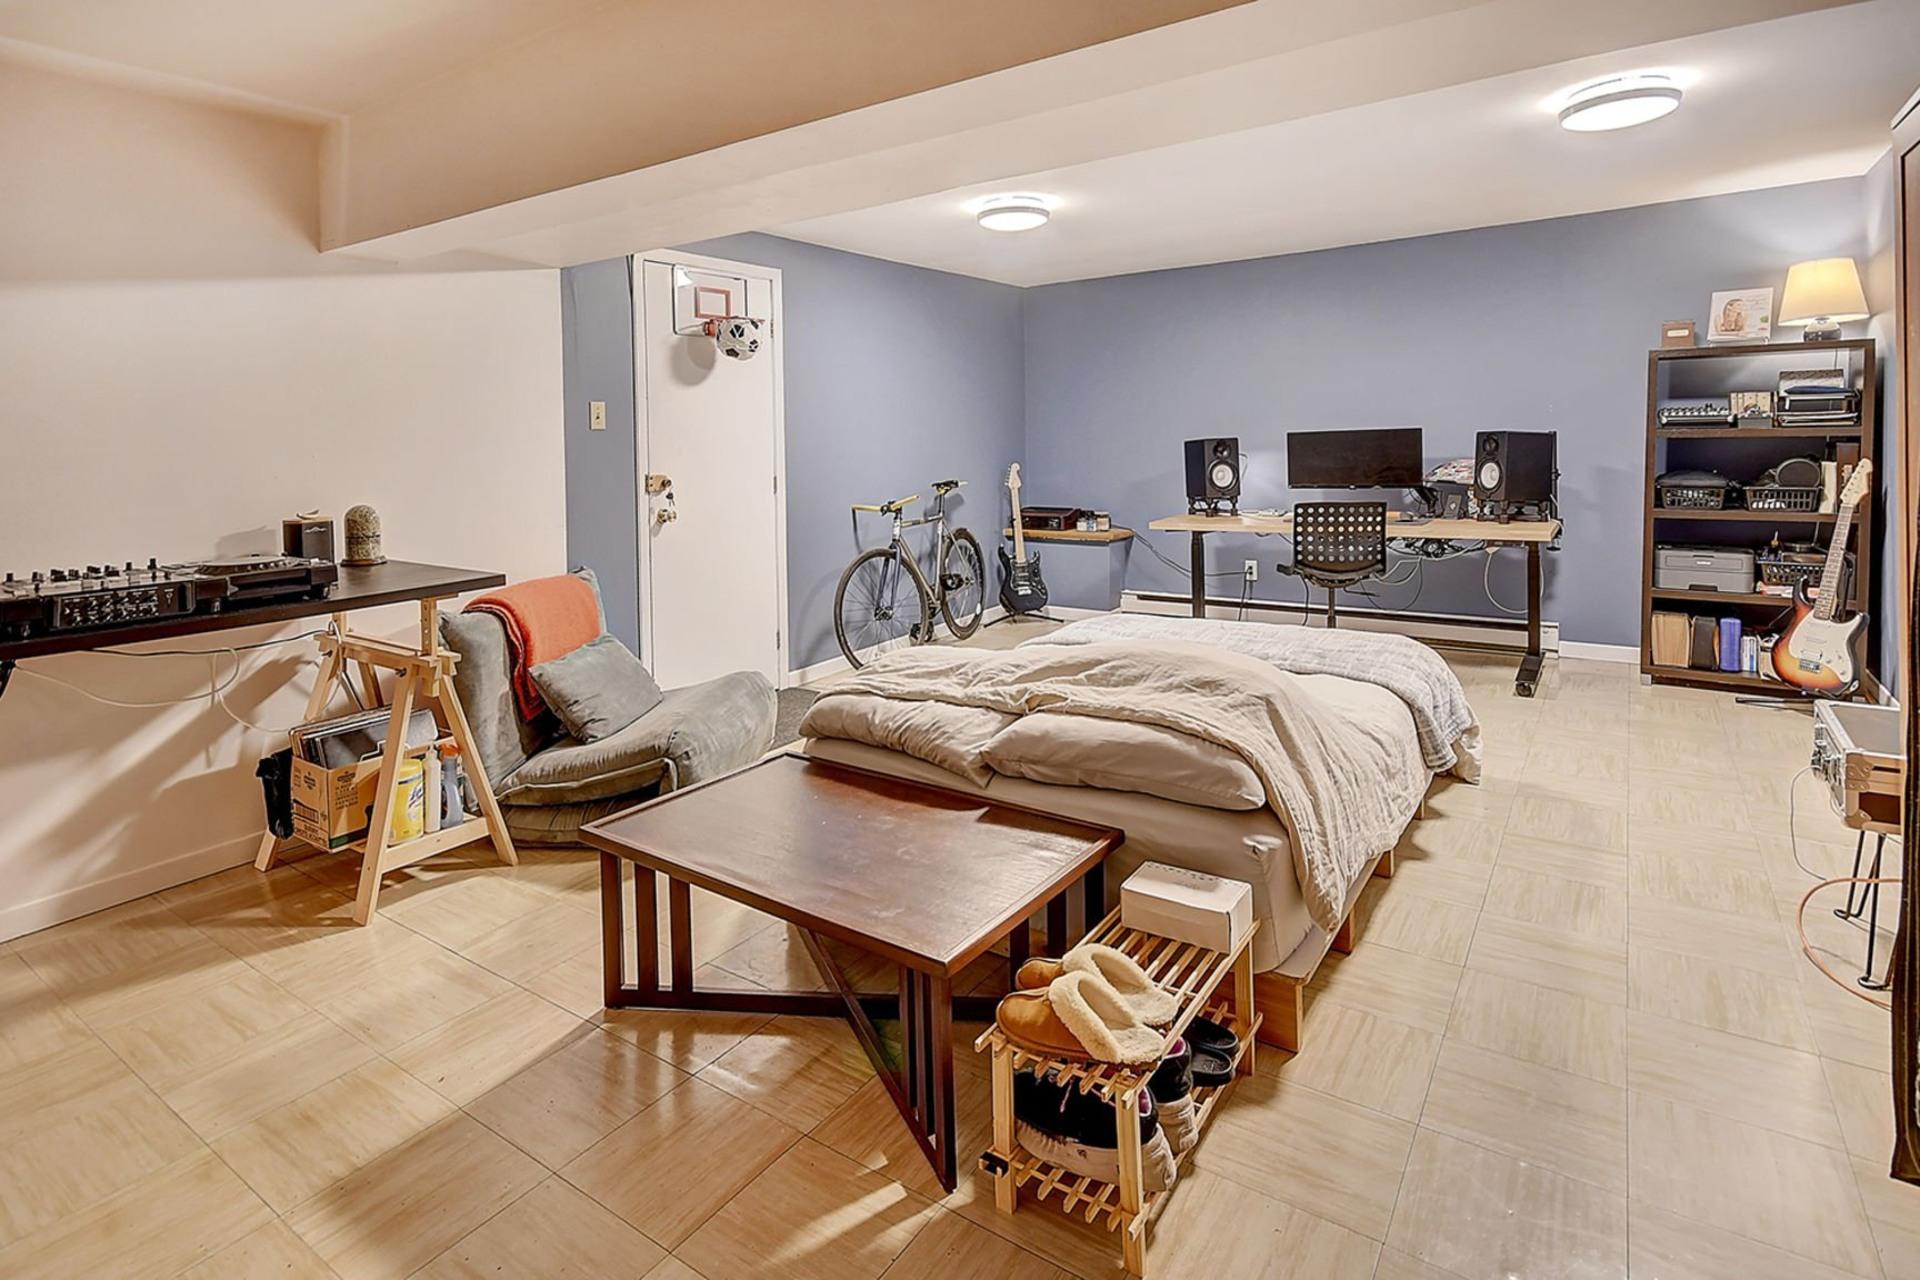 image 8 - Appartement À louer Verdun/Île-des-Soeurs Montréal  - 4 pièces